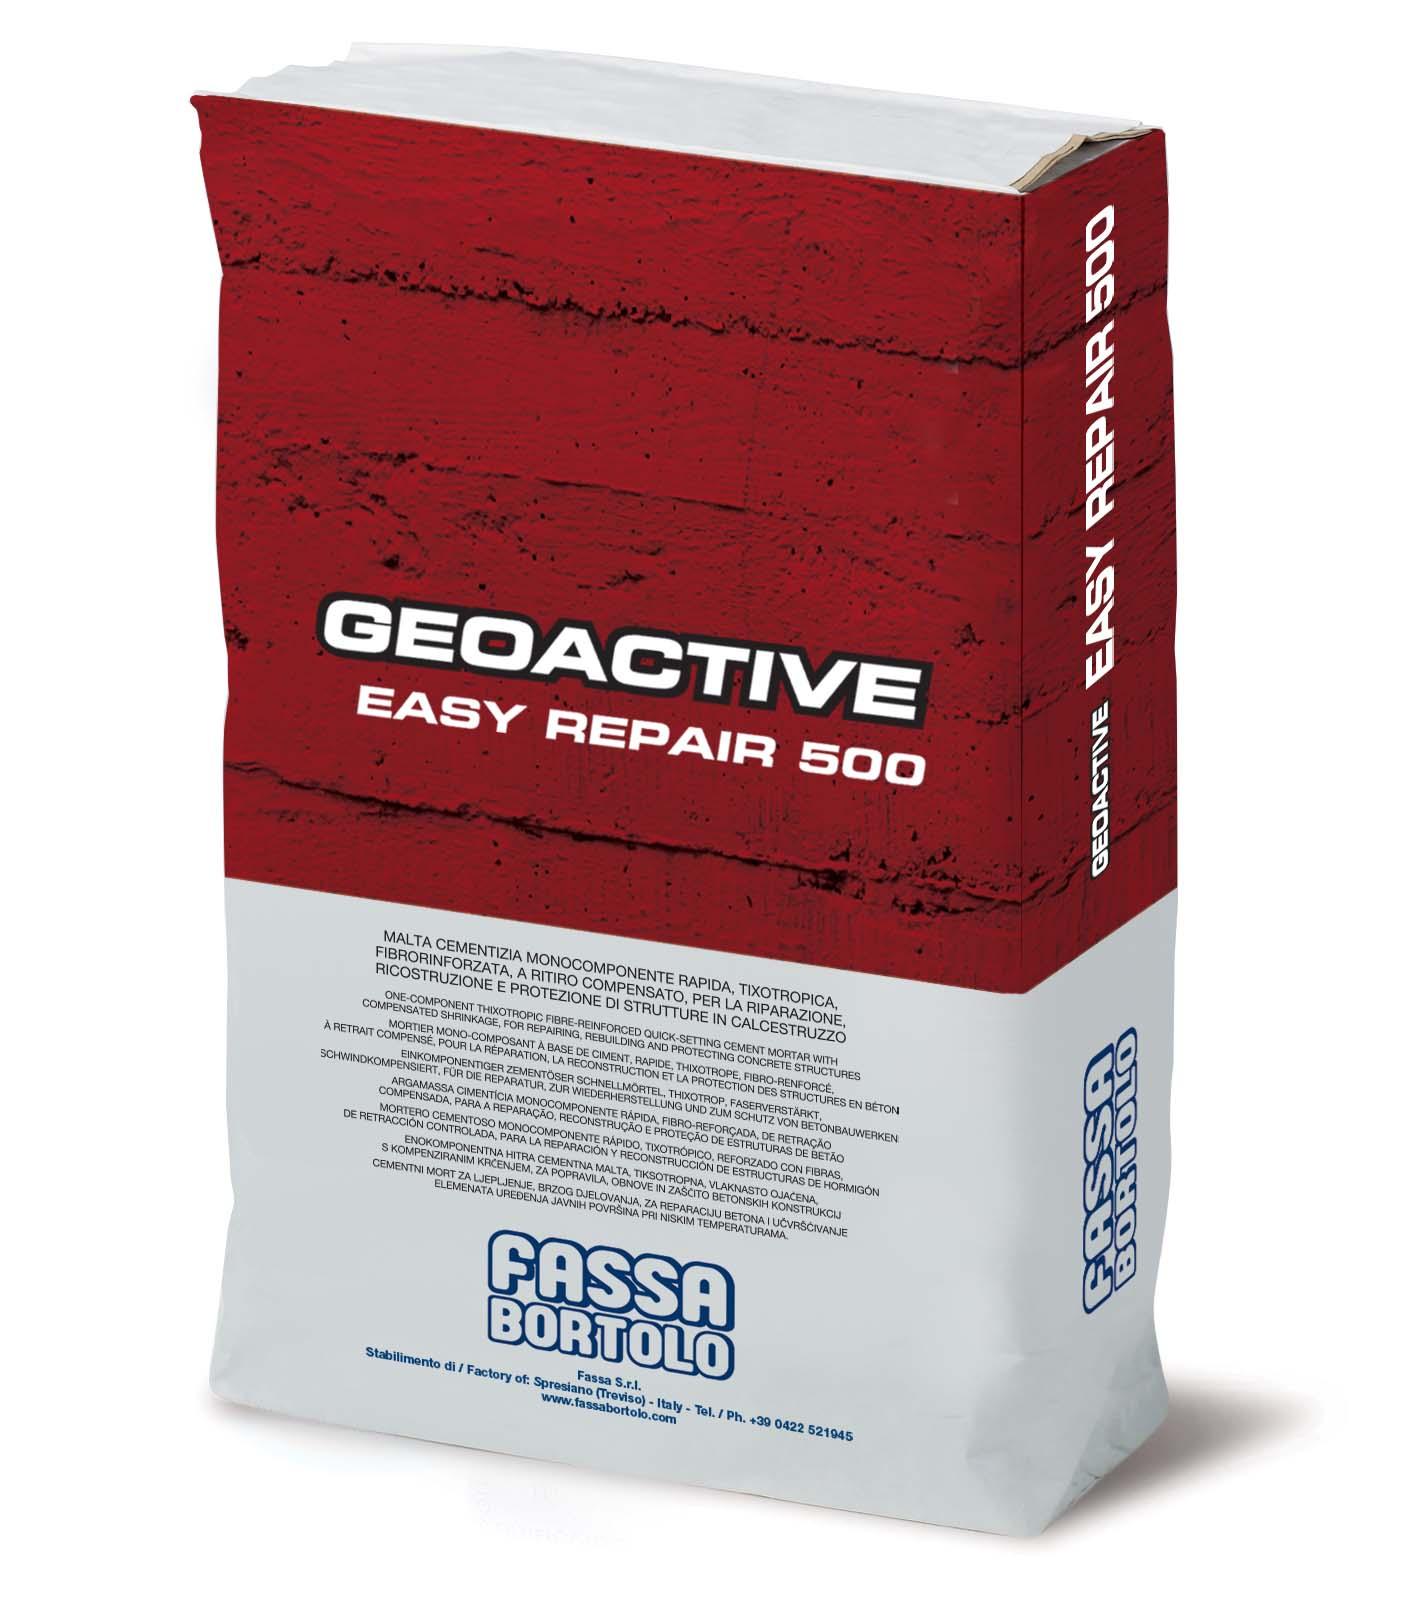 GEOACTIVE EASY REPAIR 500: Argamassa cimentícia monocomponente rápida, tixotrópica, fibro-reforçada, de baixíssima retração, para a reparação, reconstrução e proteção de estruturas em betão